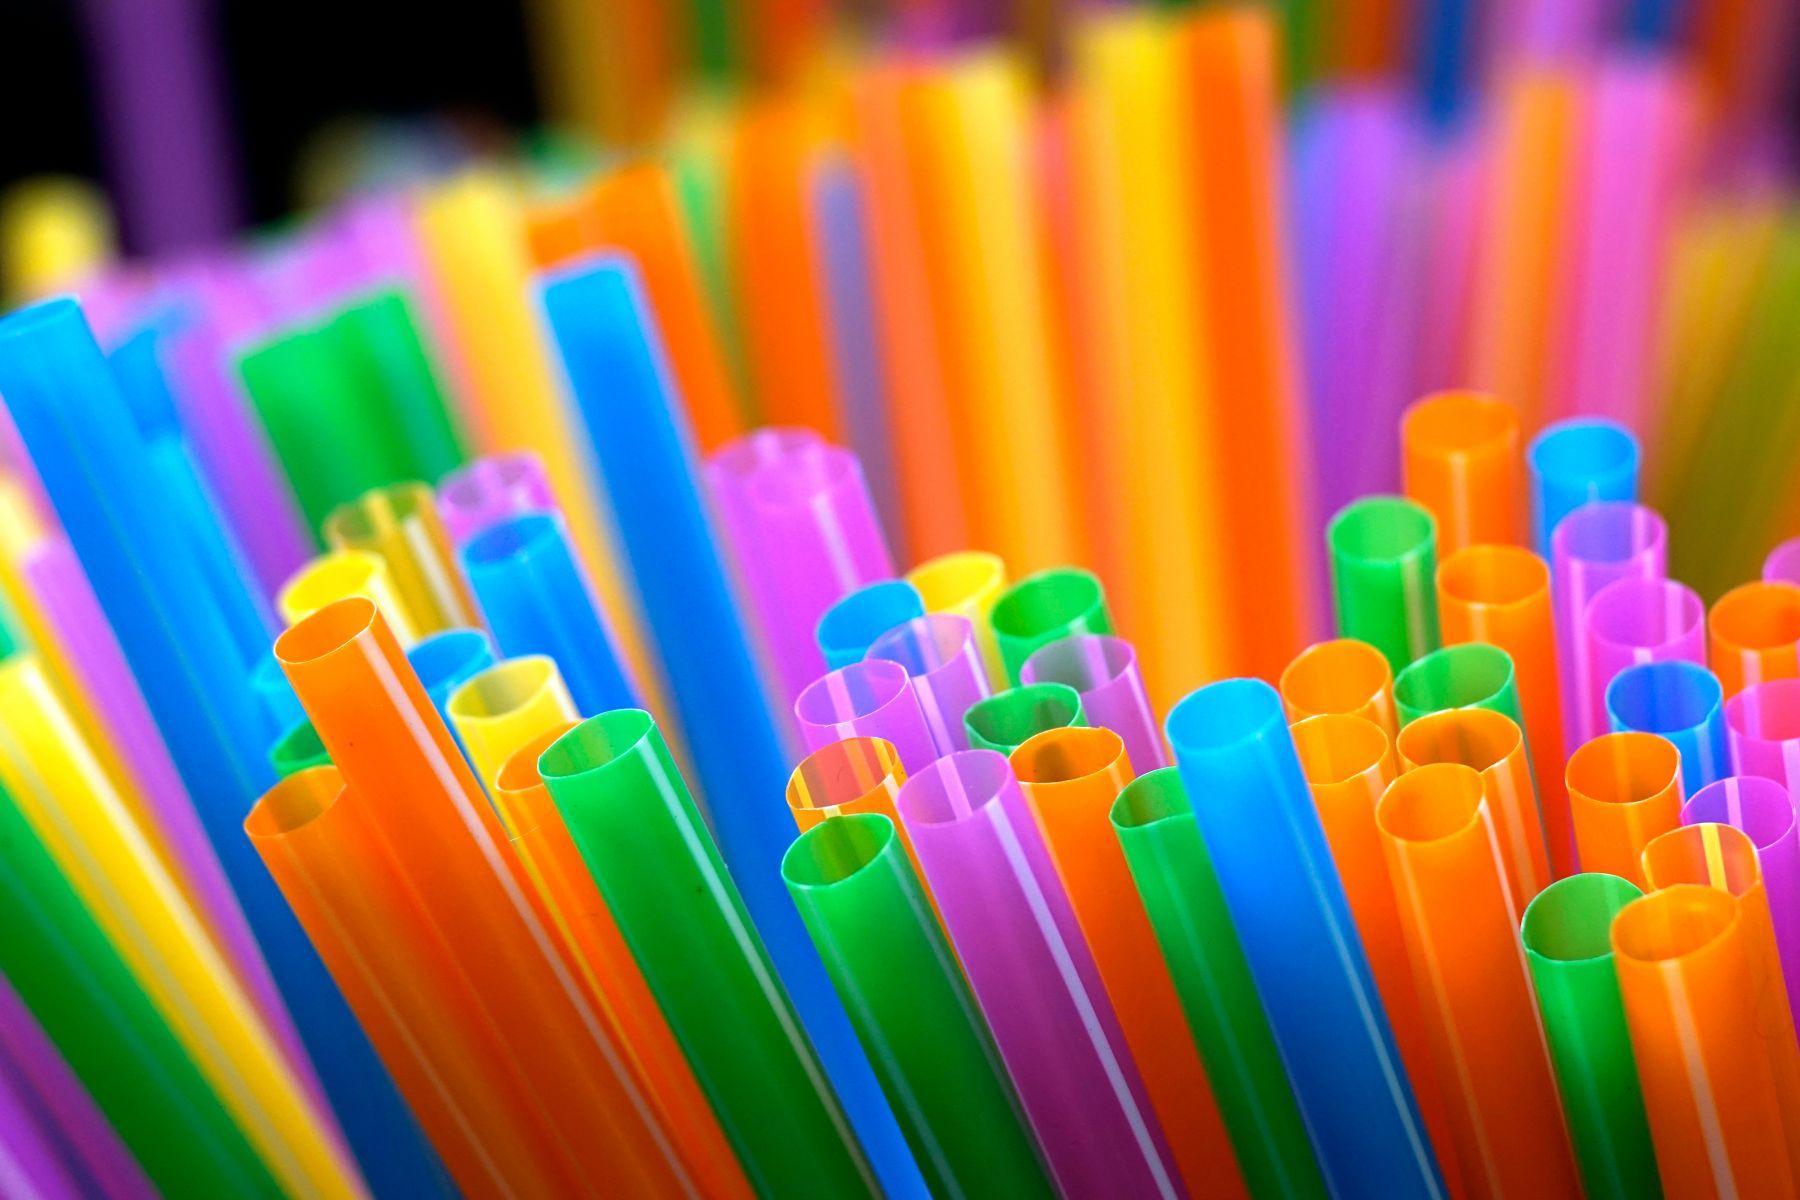 温哥华明年起禁用塑胶吸管。网图